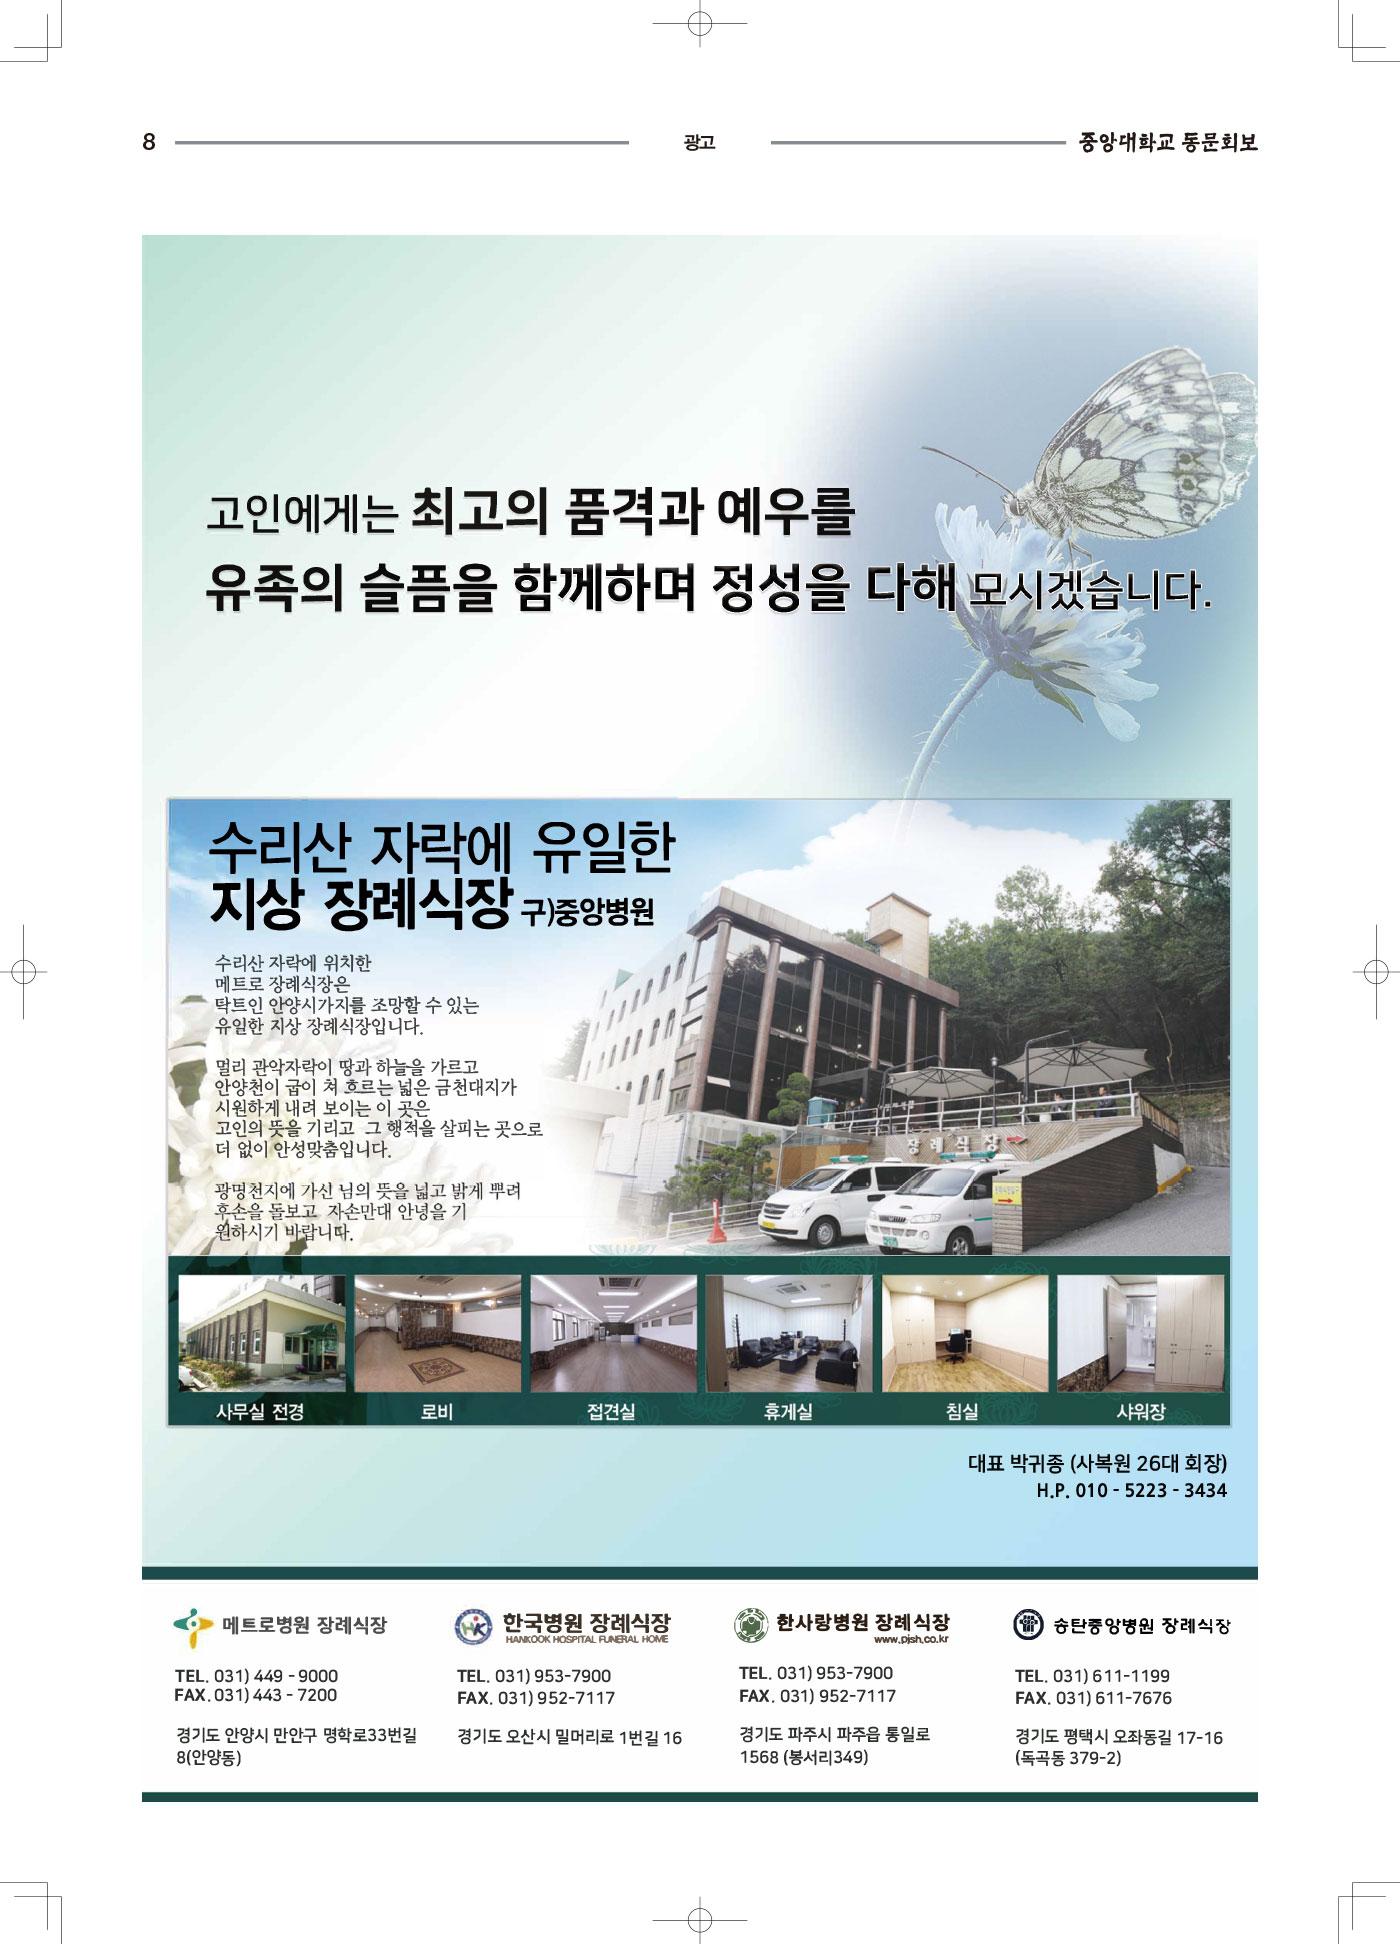 중앙대학교_동문회보190604-인쇄최종1-(1)-8.jpg